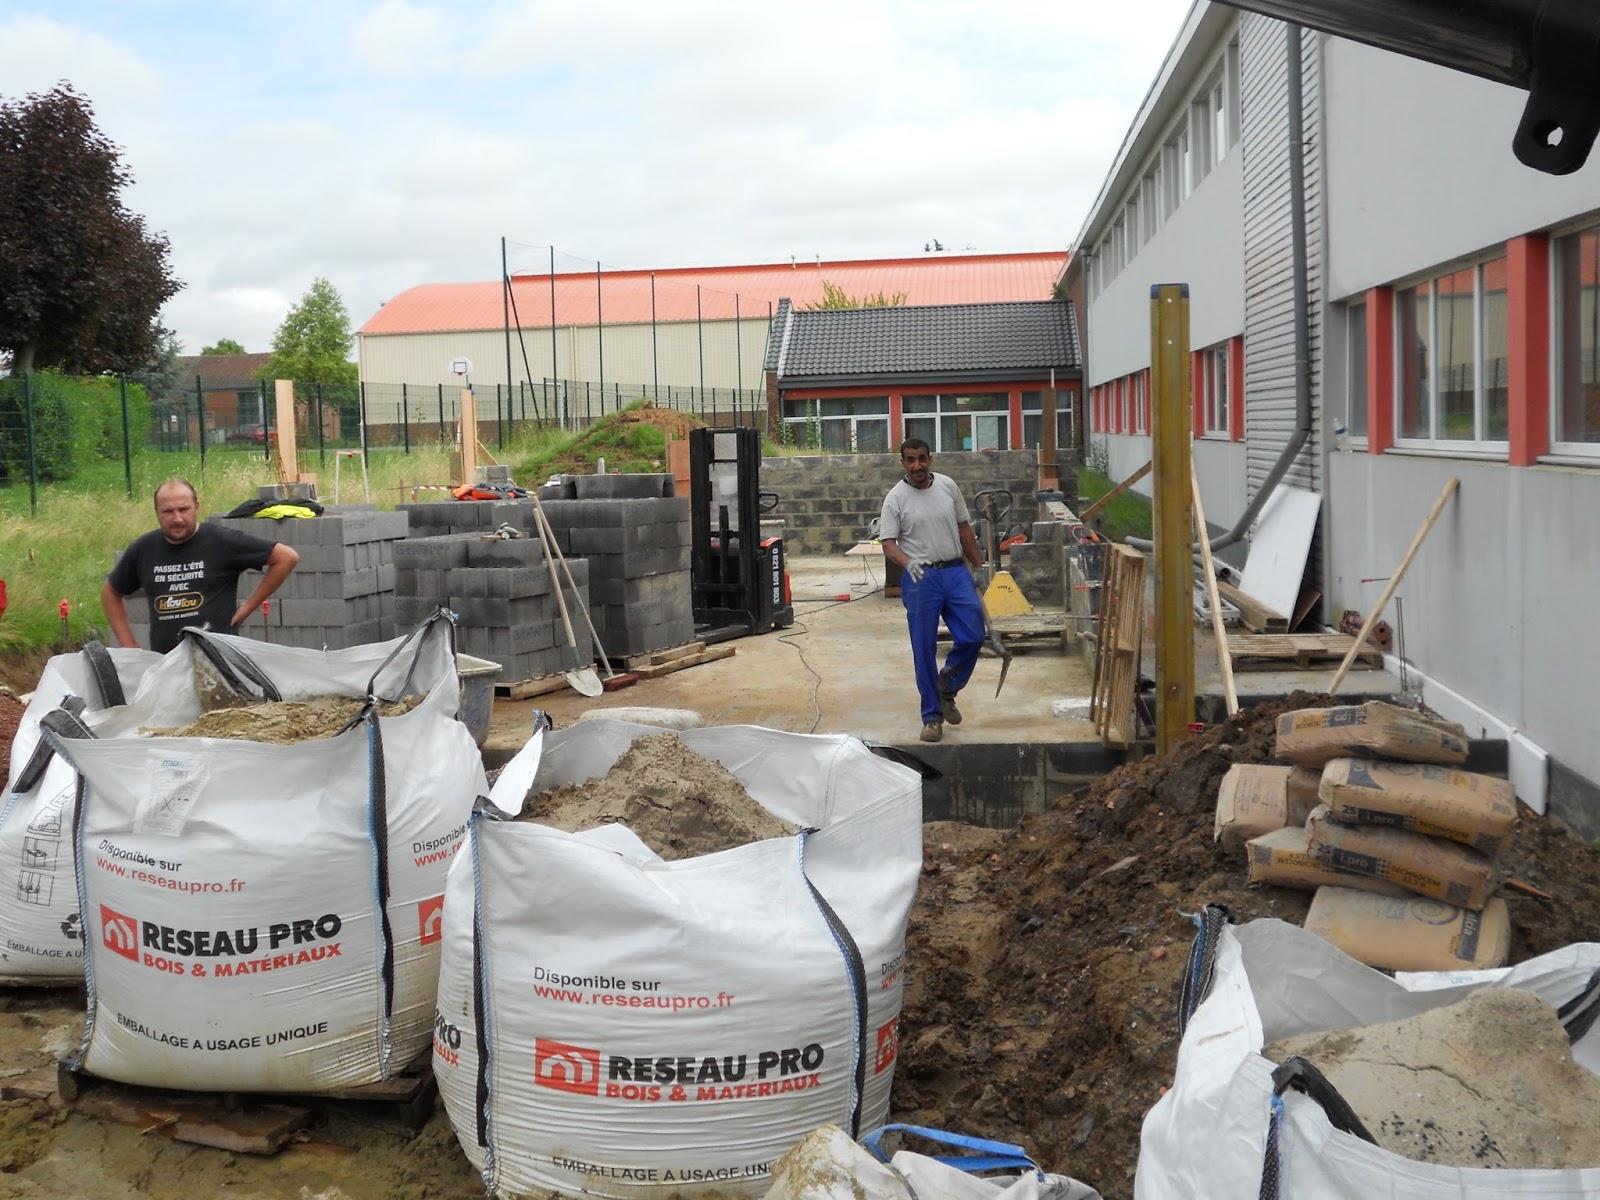 Ecole yann arthus bertrand cysoing travaux d 39 extension for Extension travaux